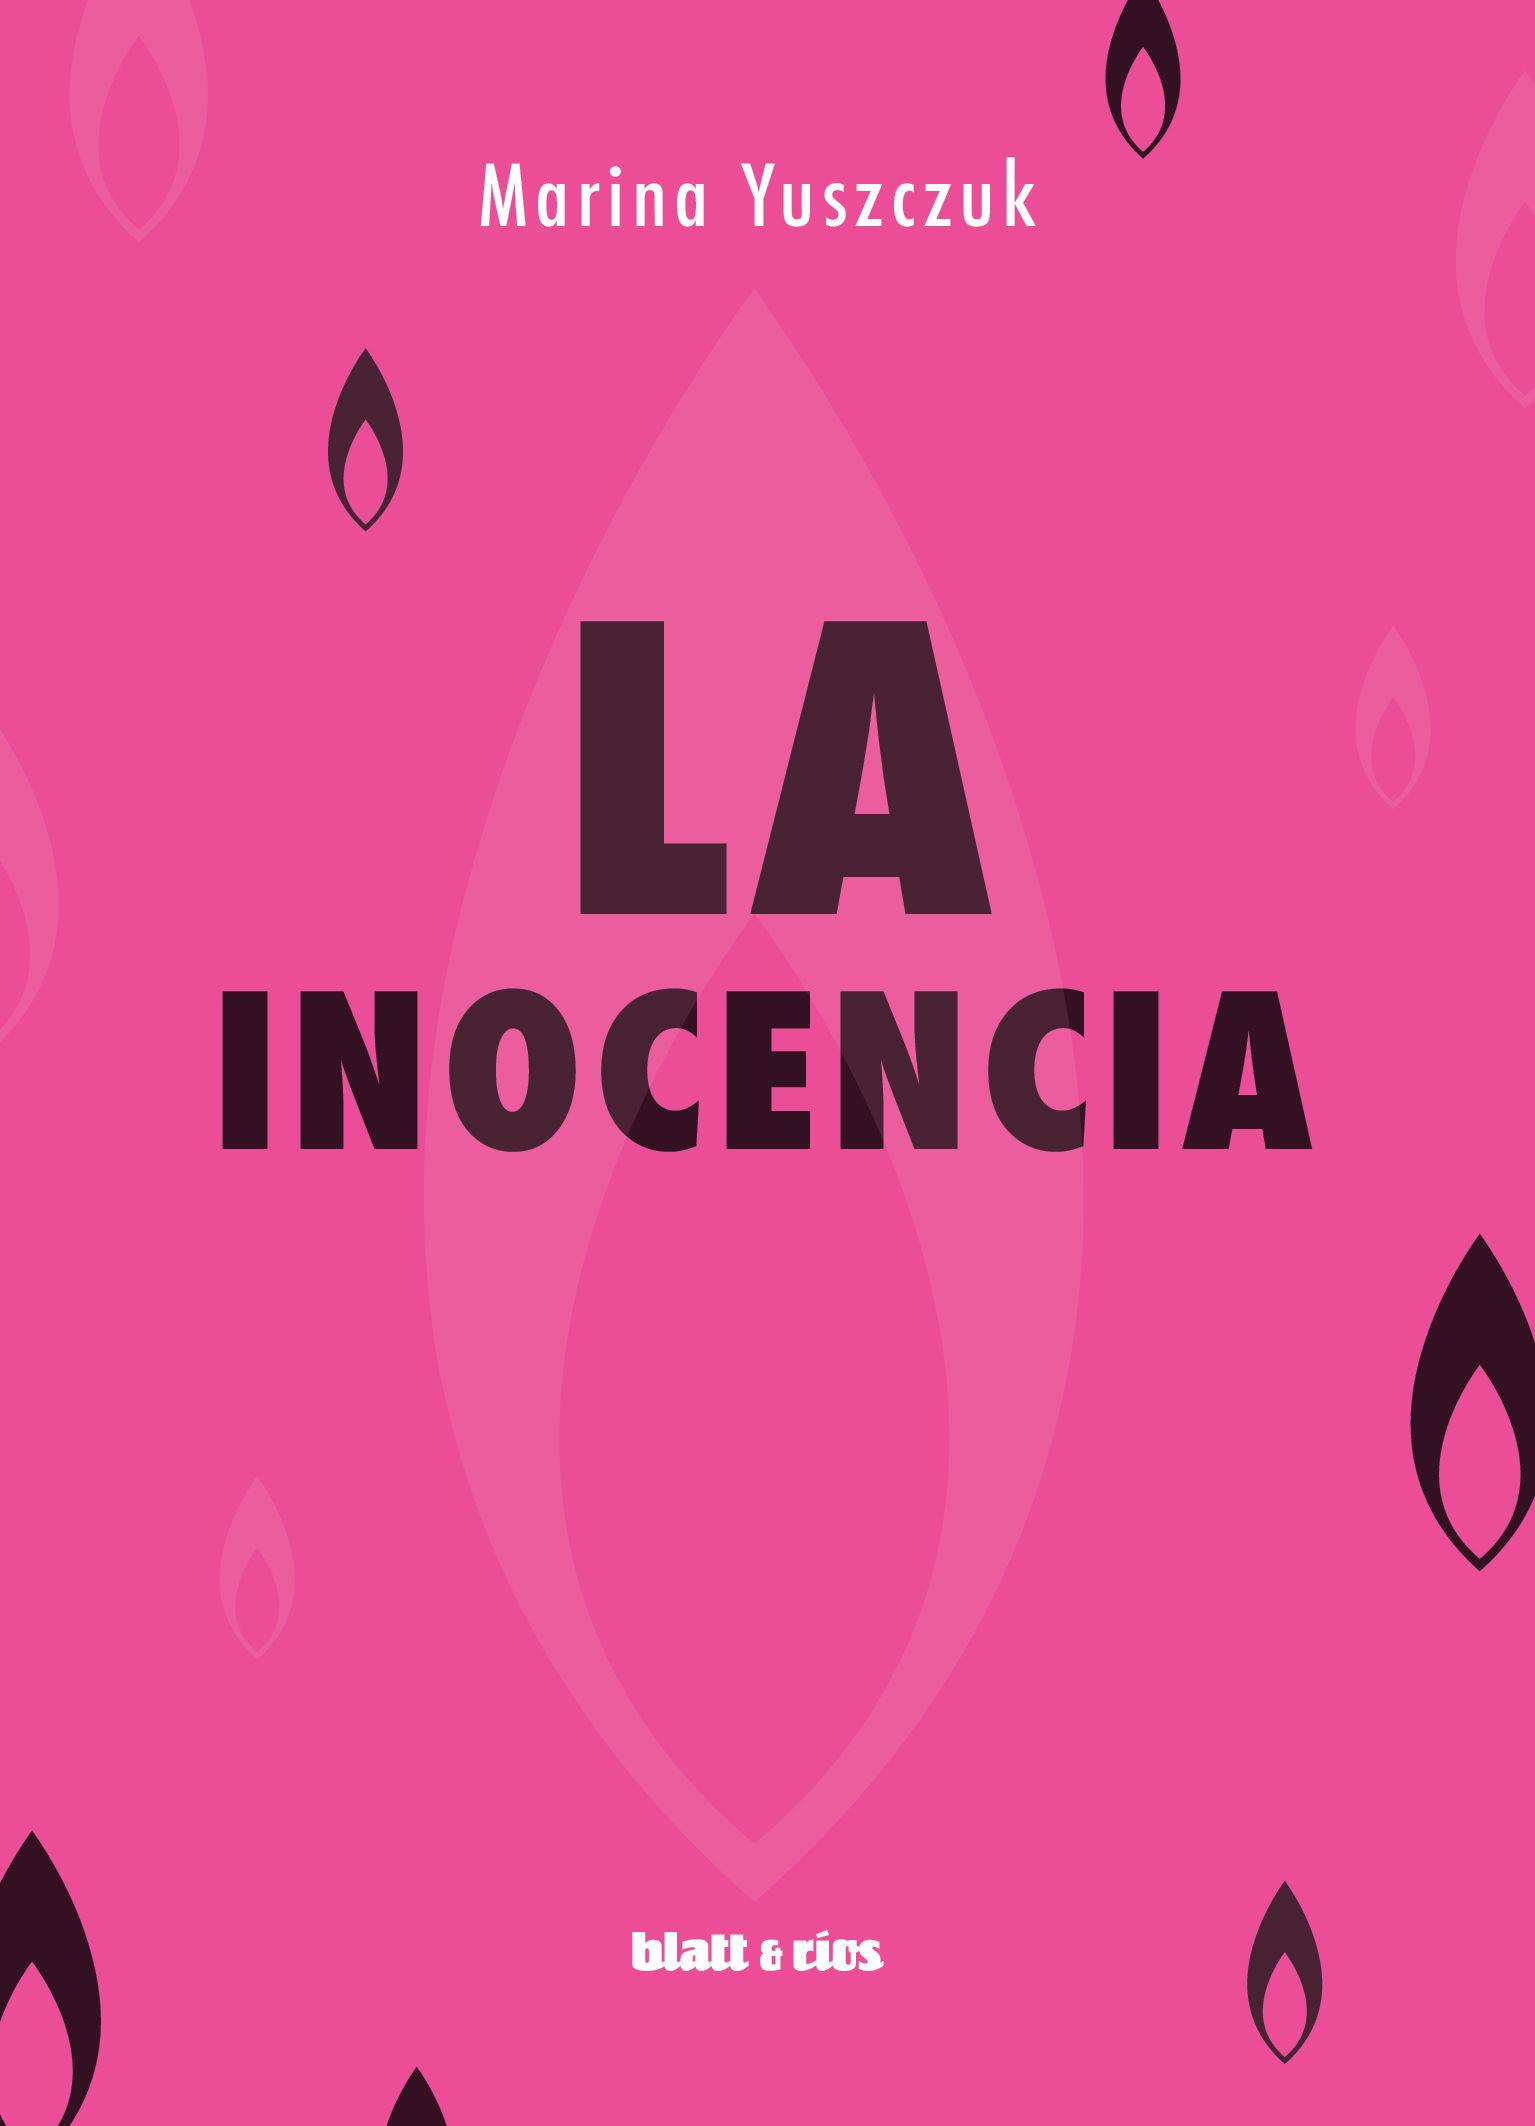 INOCENCIA LA